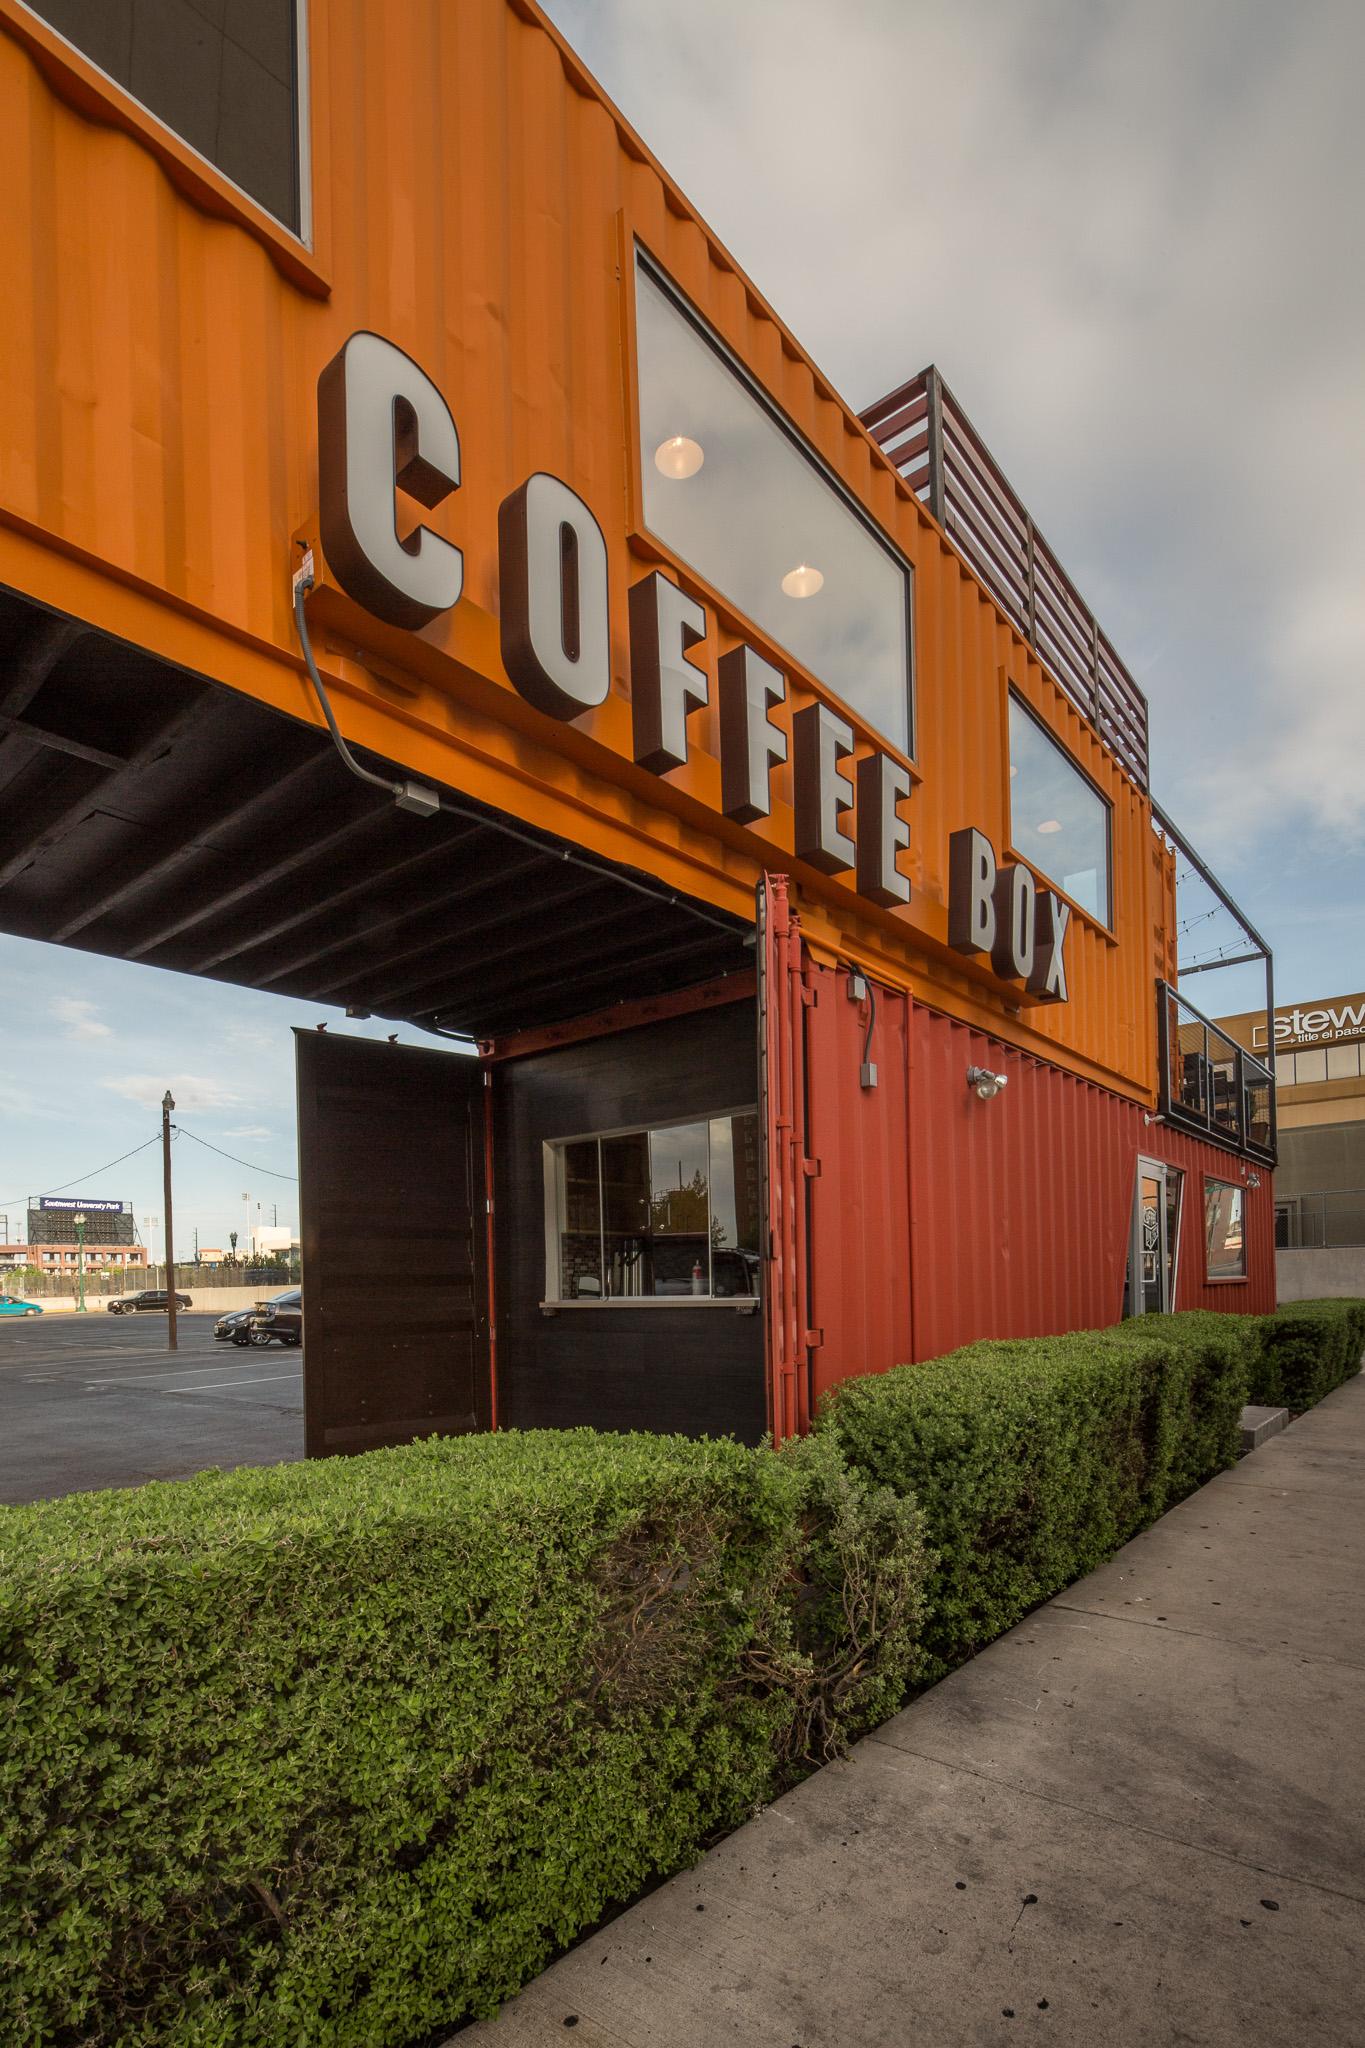 Coffee Box - El Paso